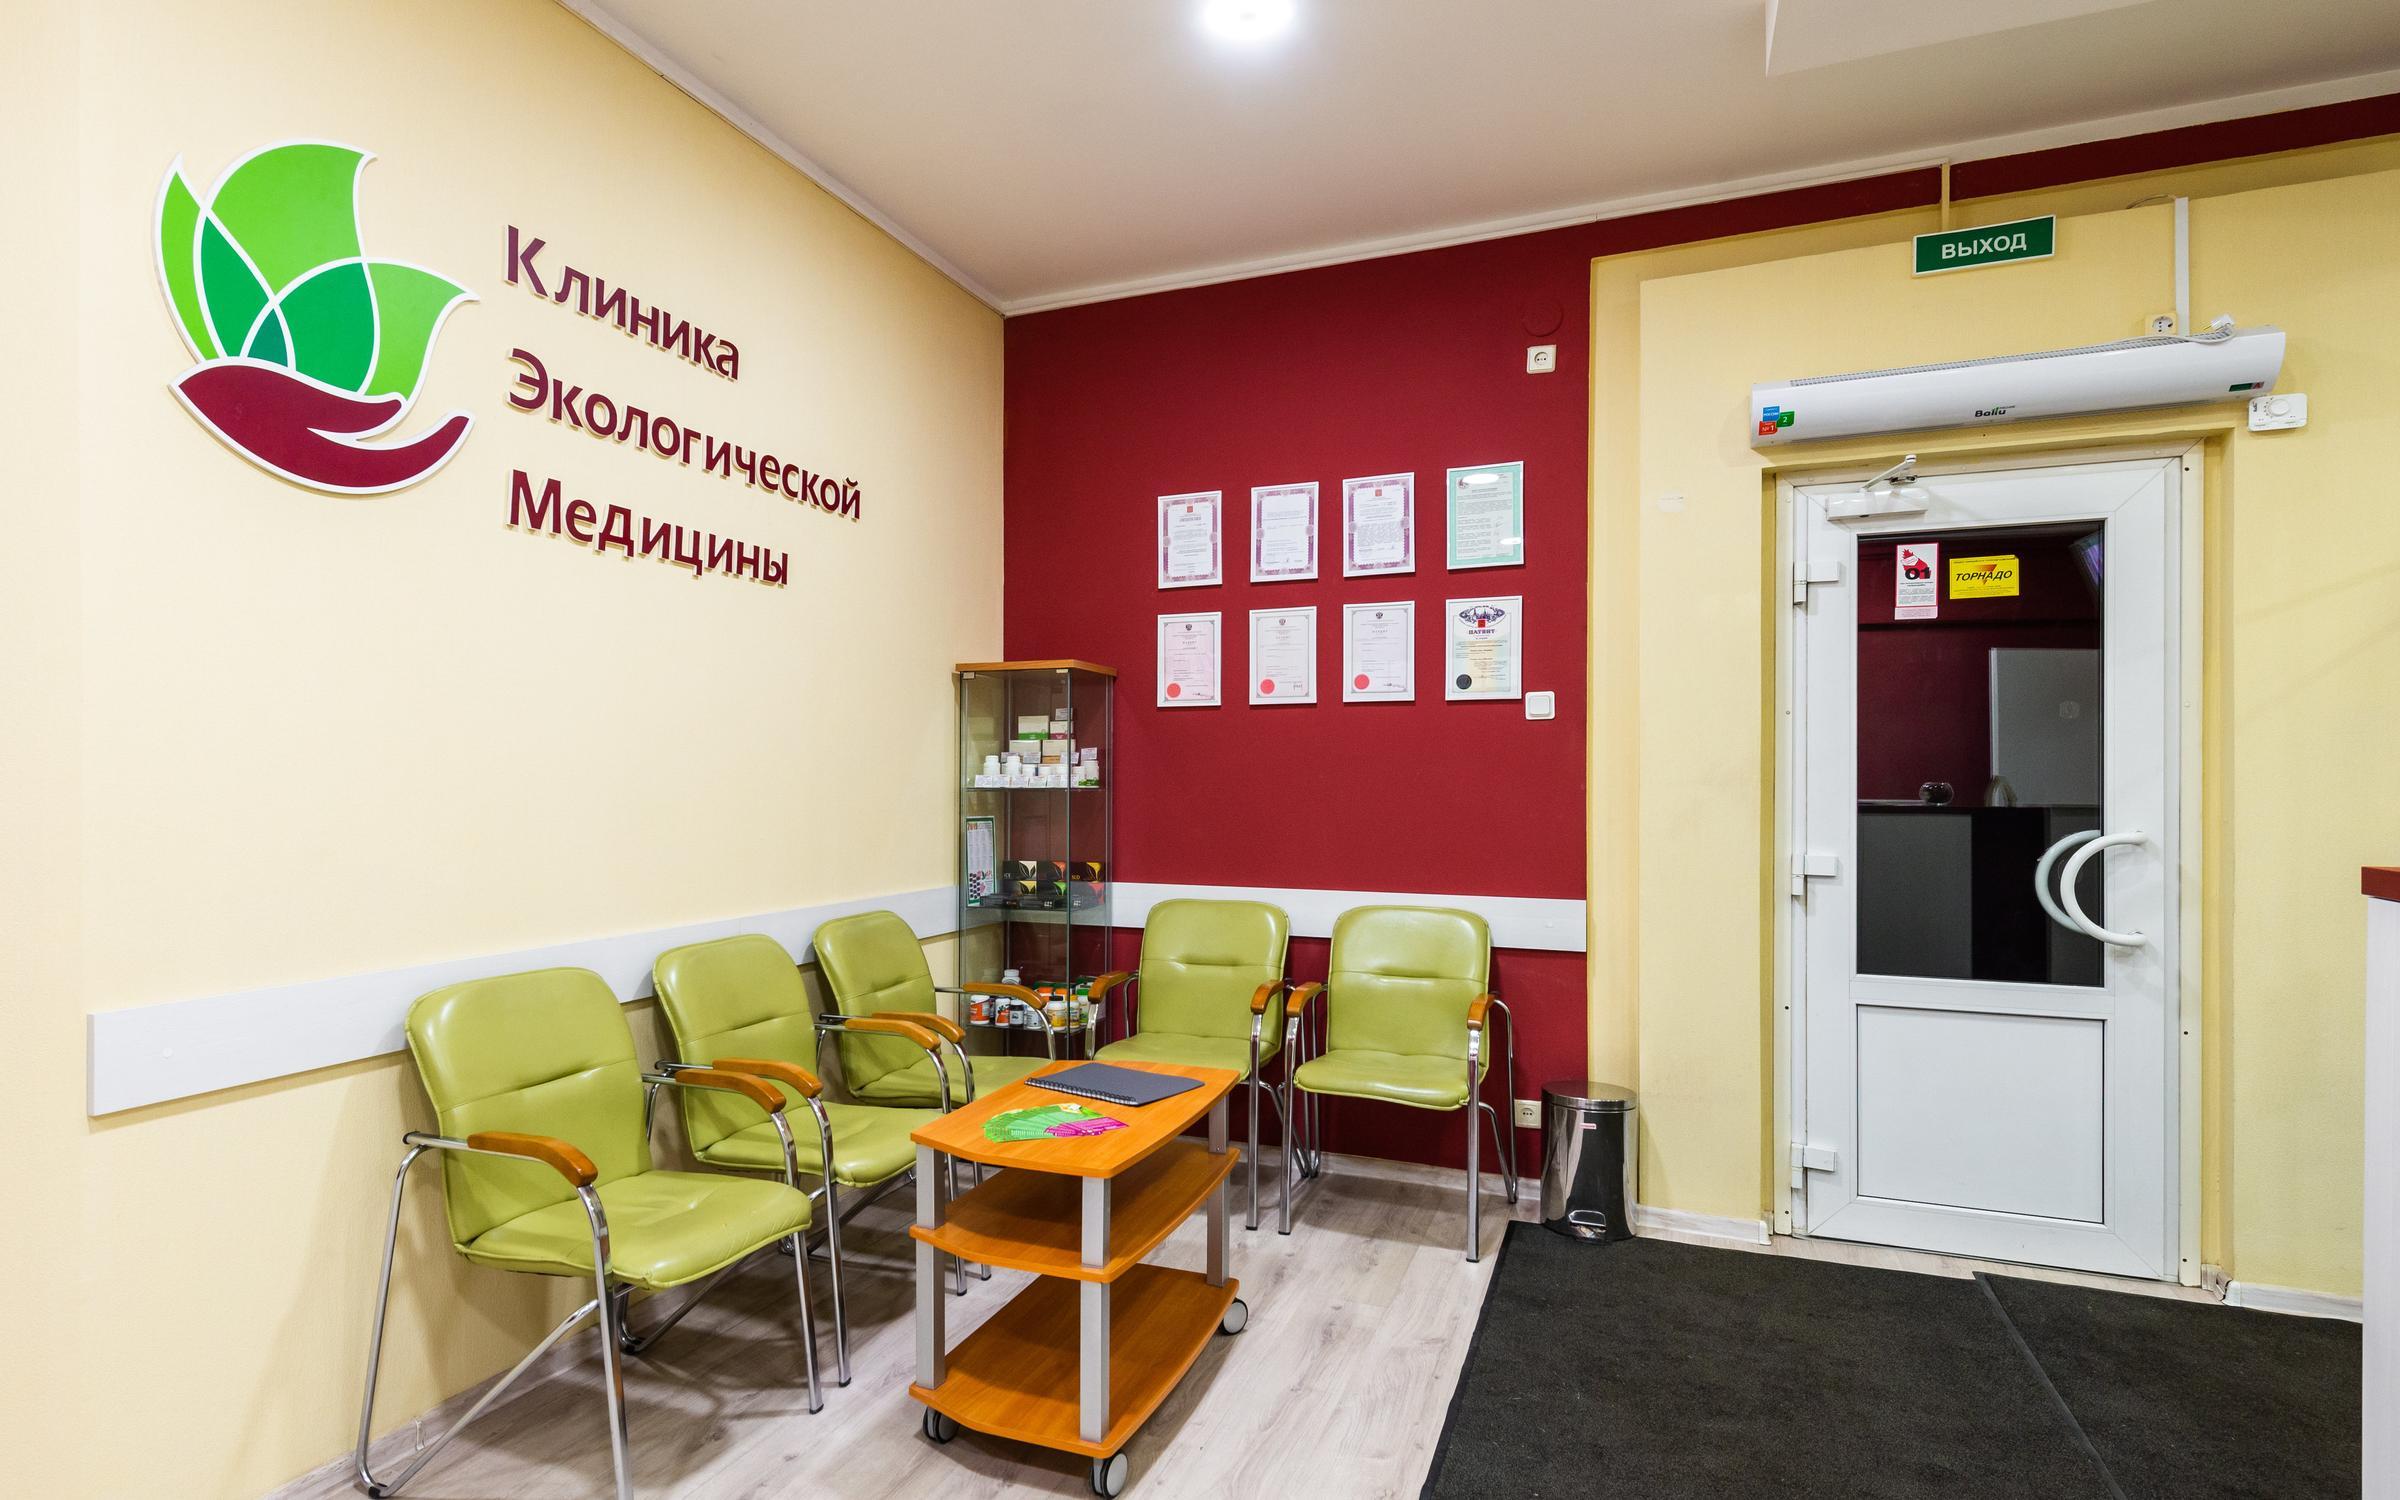 фотография Клиника Экологической Медицины Донченко на метро Московская